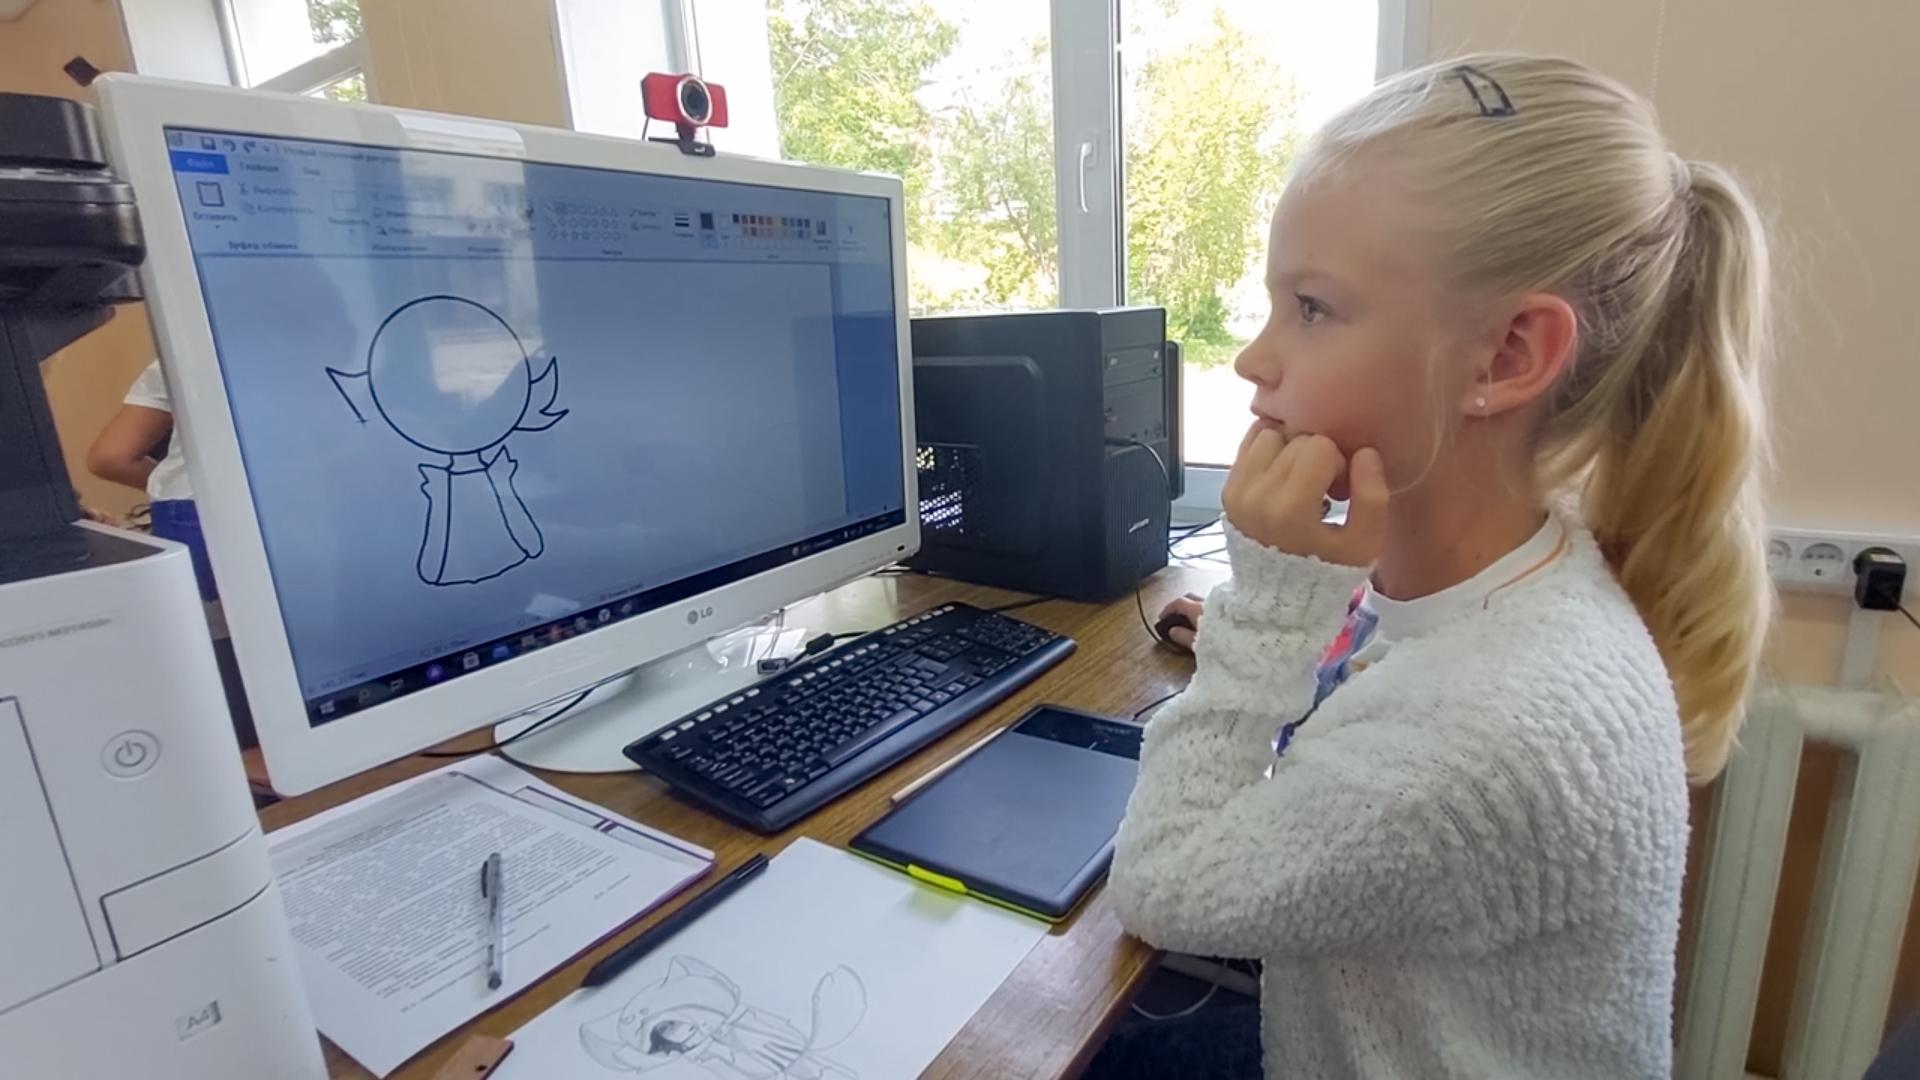 Образовательная экспедиция СОТ в Камчатский край: отрисовка персонажа в среде CorelDRAW